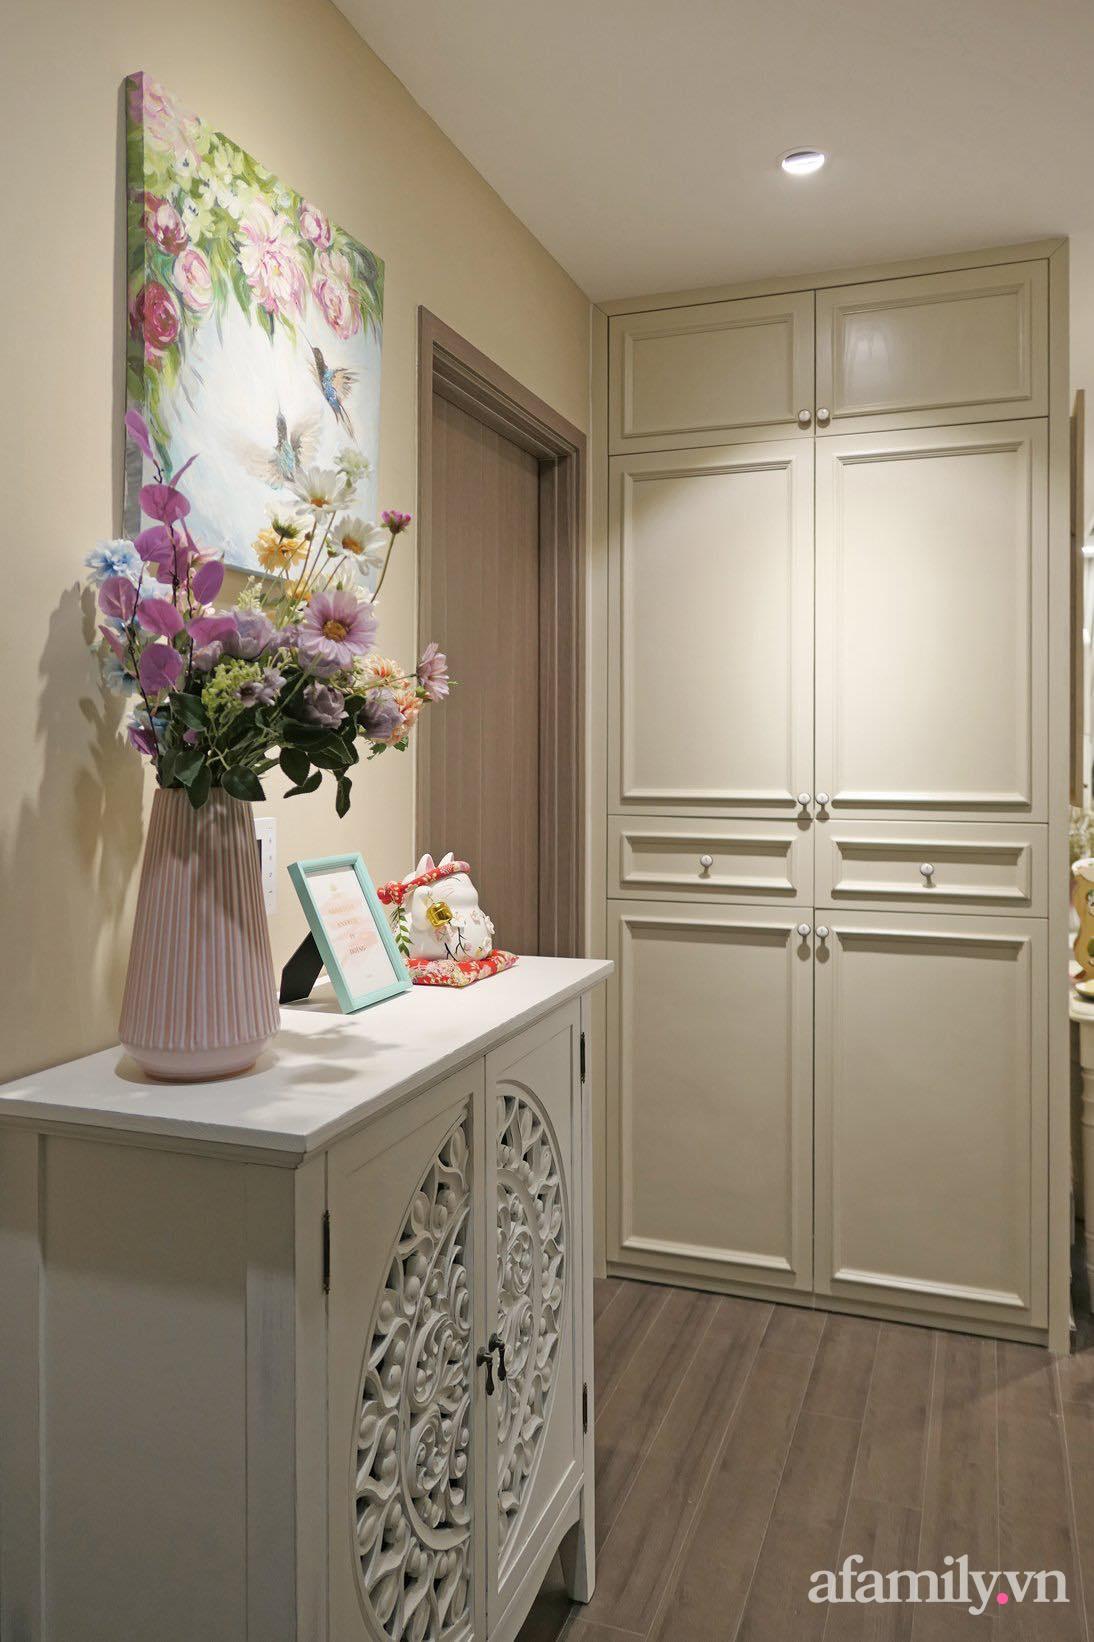 """Căn hộ siêu dễ thương decor theo phong cách Vintage được chủ nhà hoàn thiện """"vội"""" trong 10 ngày ở Hà Nội - Ảnh 16."""